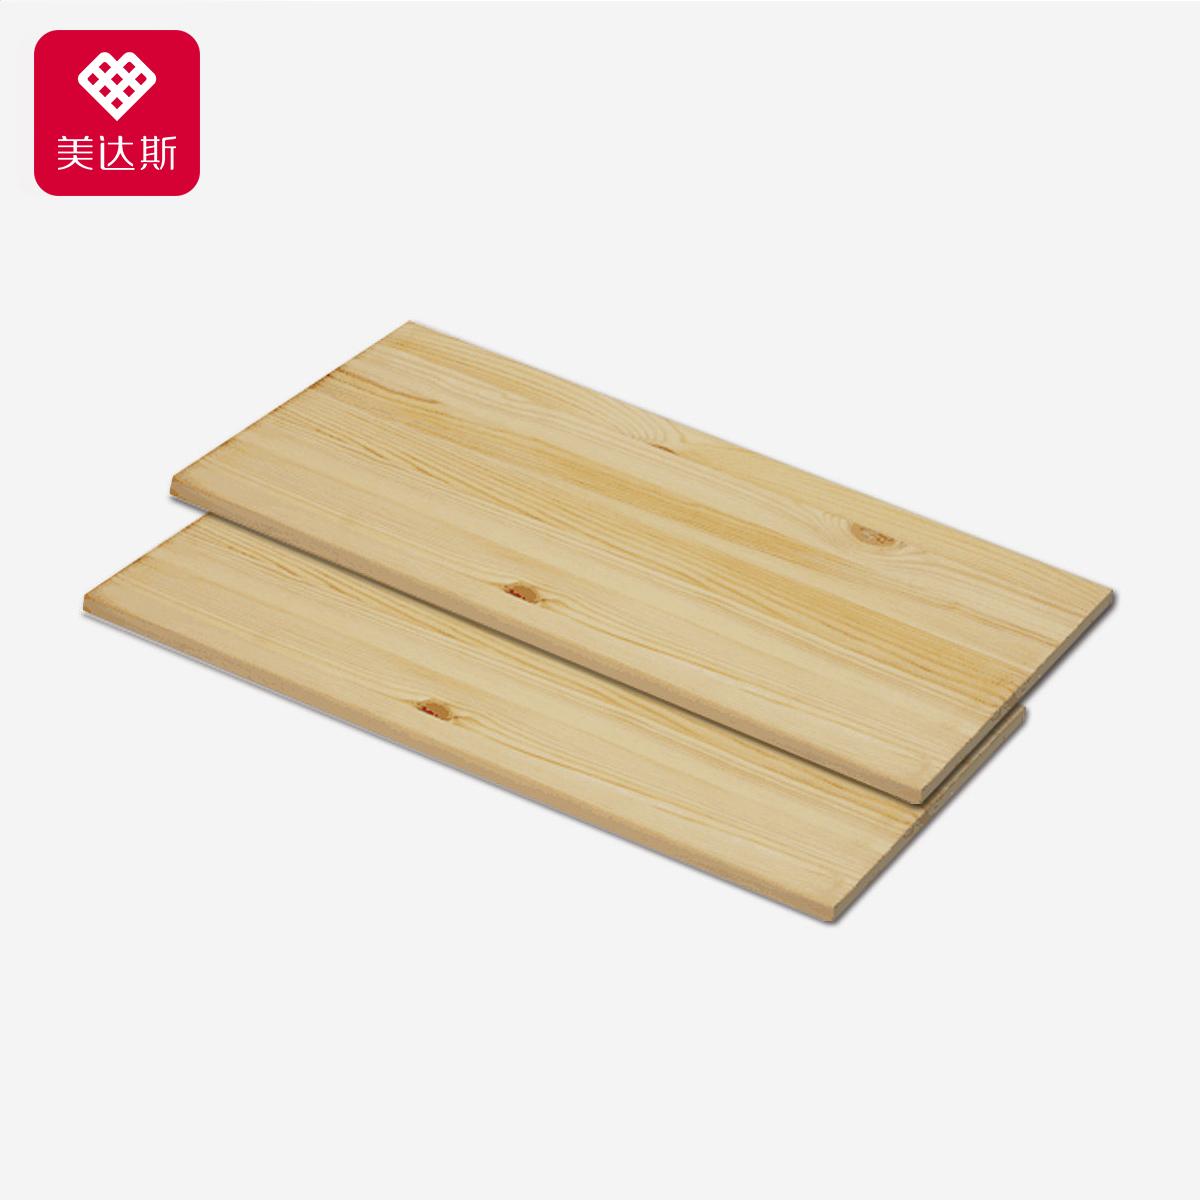 美达斯实木一字隔板置物架搁板层板松木搁板墙上实木板墙壁置物架